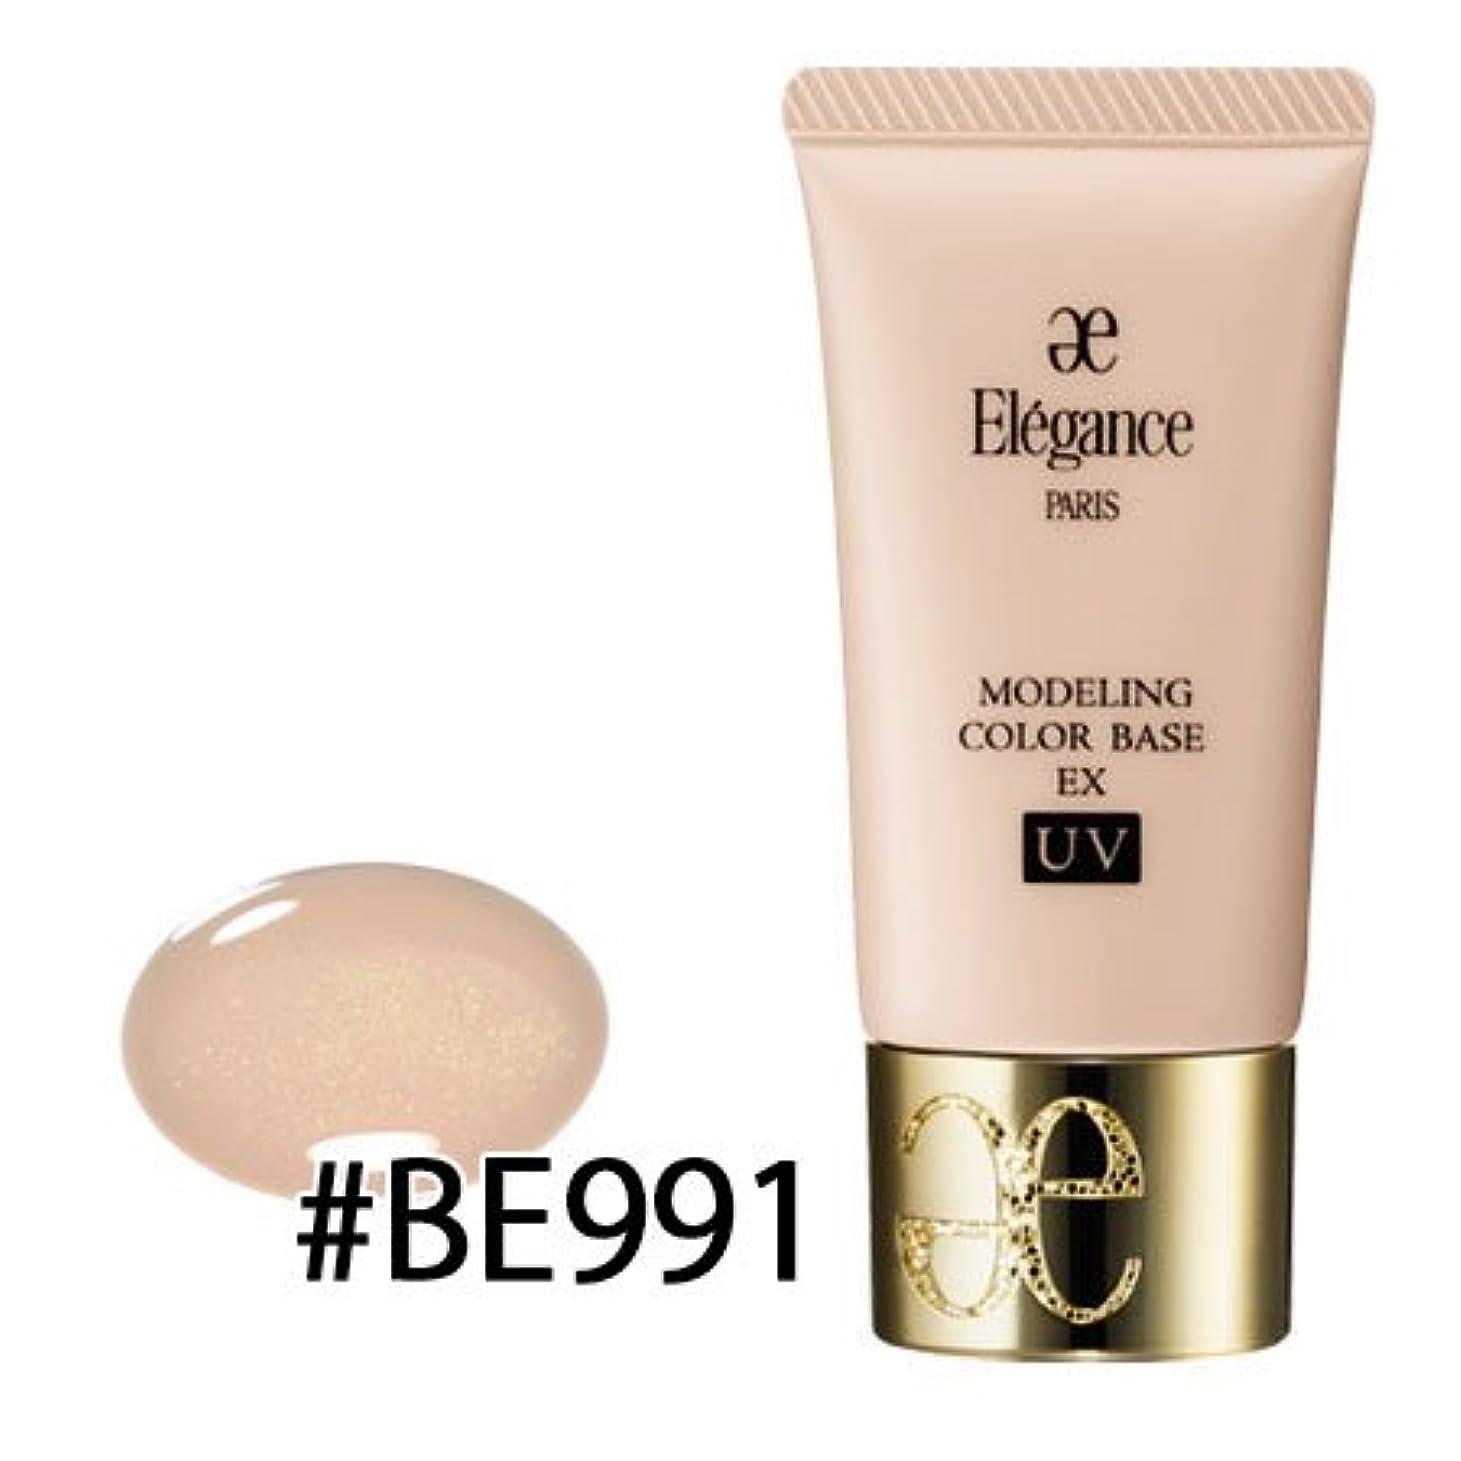 城思春期のマントエレガンス モデリング カラーベース EX UV #BE991